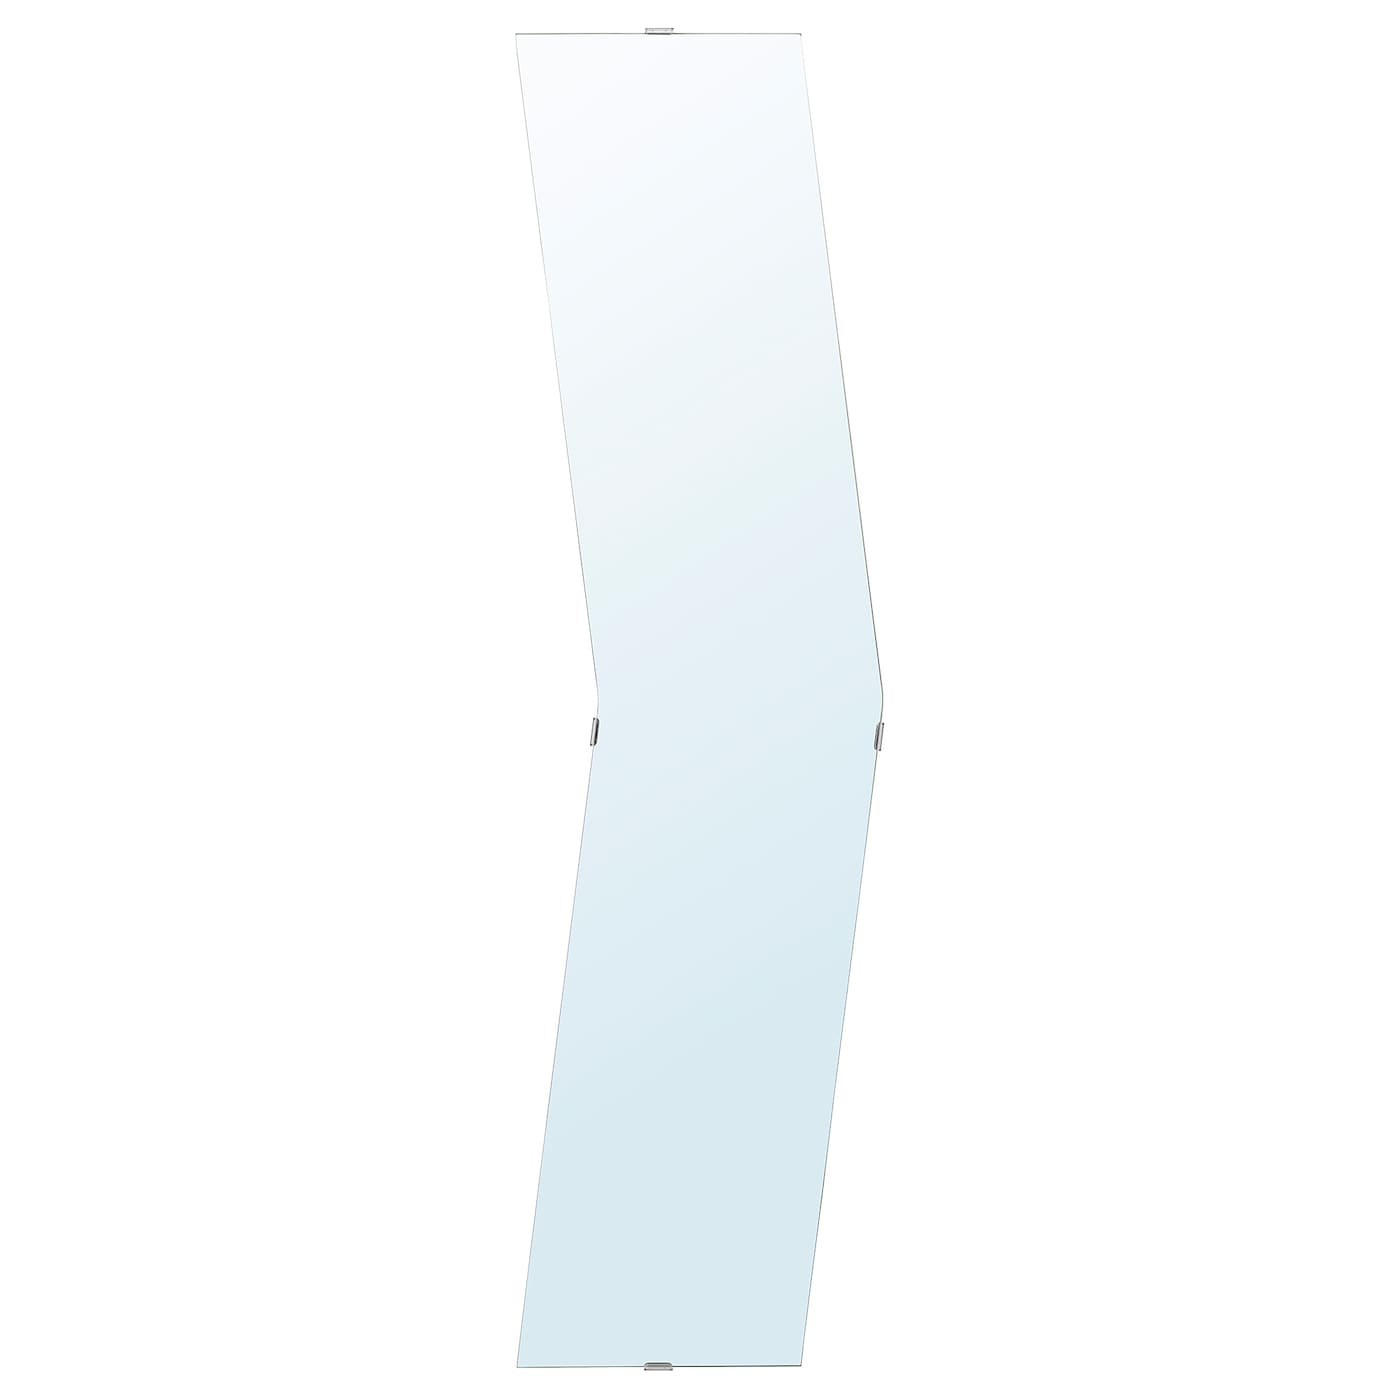 Espejos compra online ikea - Espejo cuerpo entero ikea ...